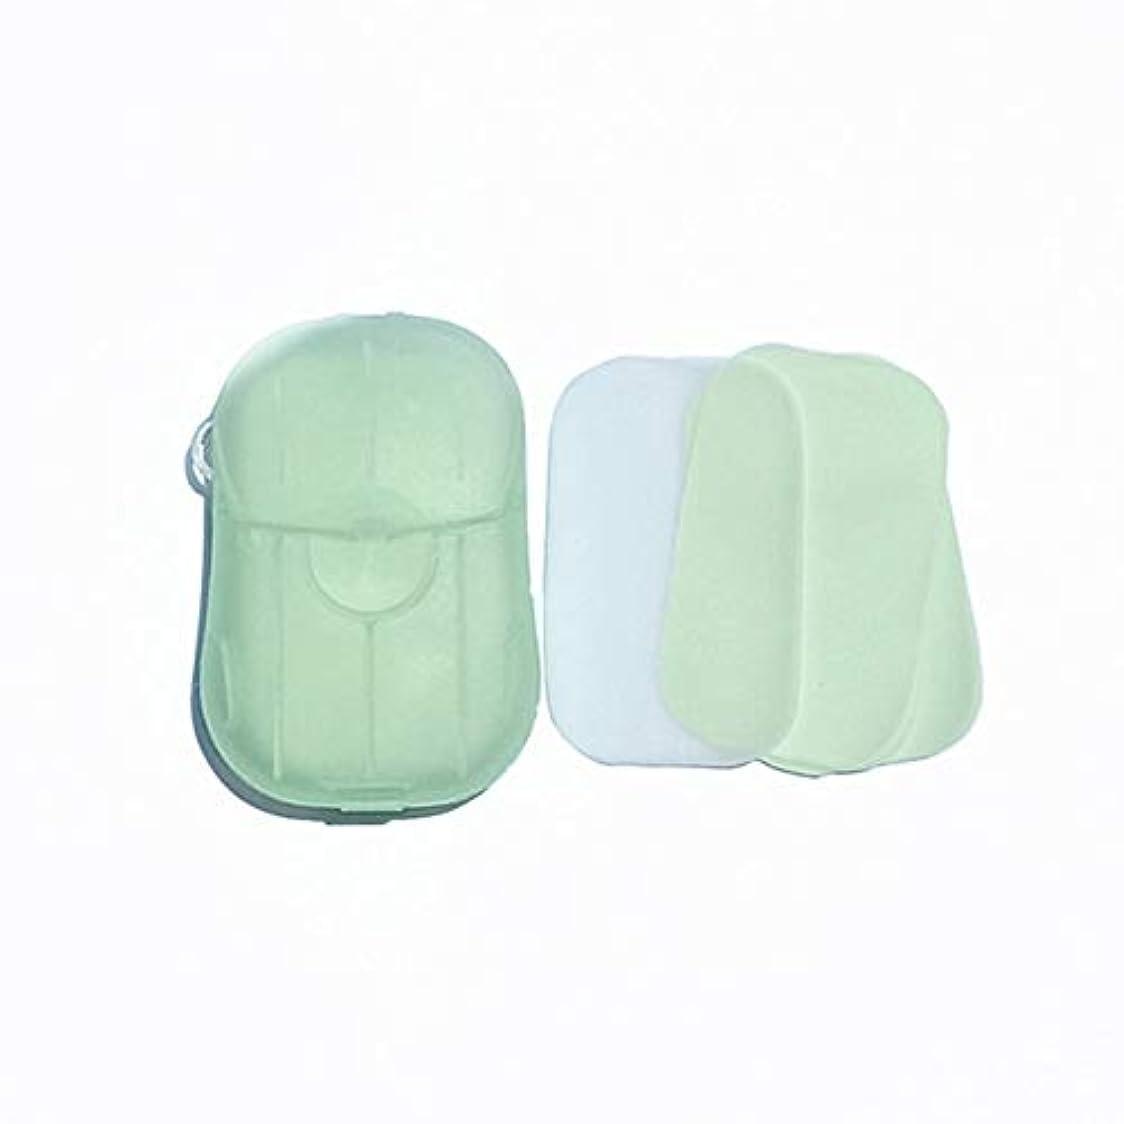 伝記包帯石炭Feglin-joy ペーパーソープ せっけん紙 除菌 石鹸 手洗い お風呂 旅行携帯用 紙せっけん かみせっけん 香り 20枚入 ケース付き(よもぎ)